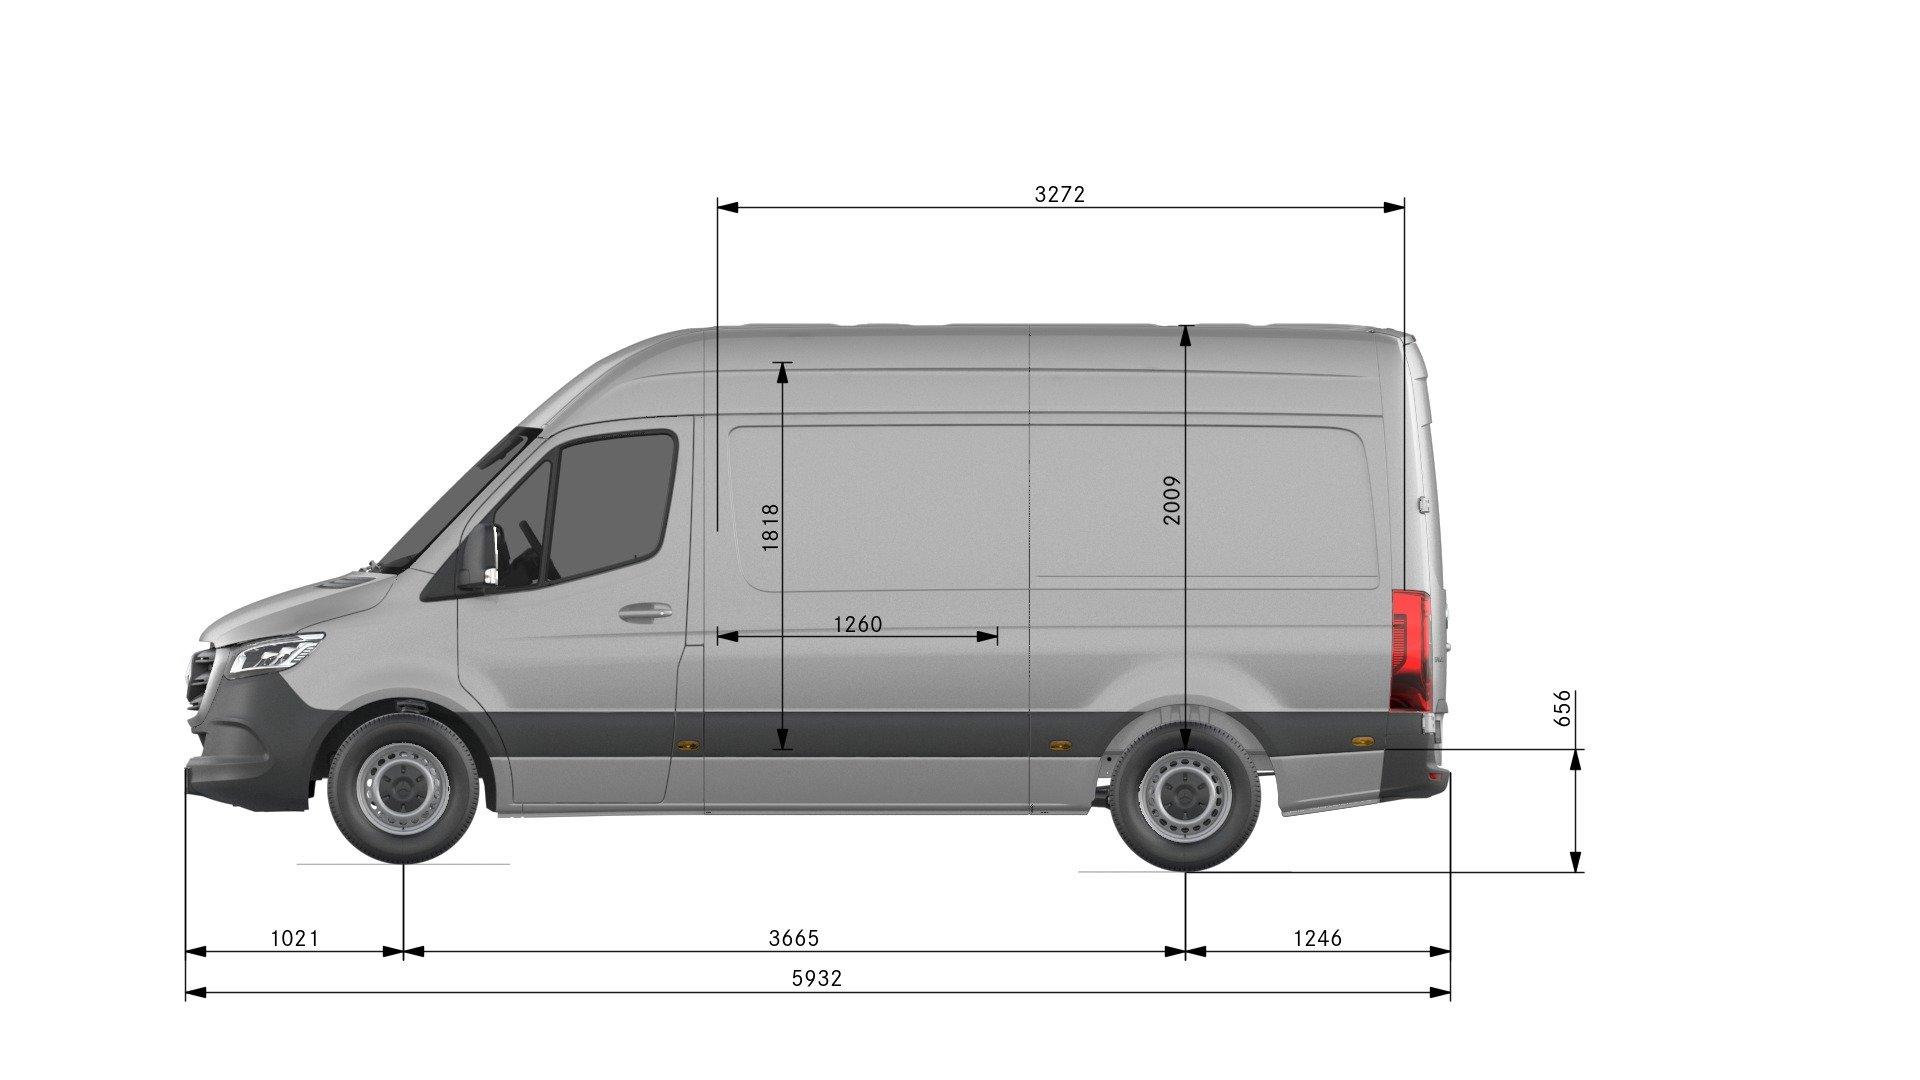 Van drawings-Side view-standard length-high roof